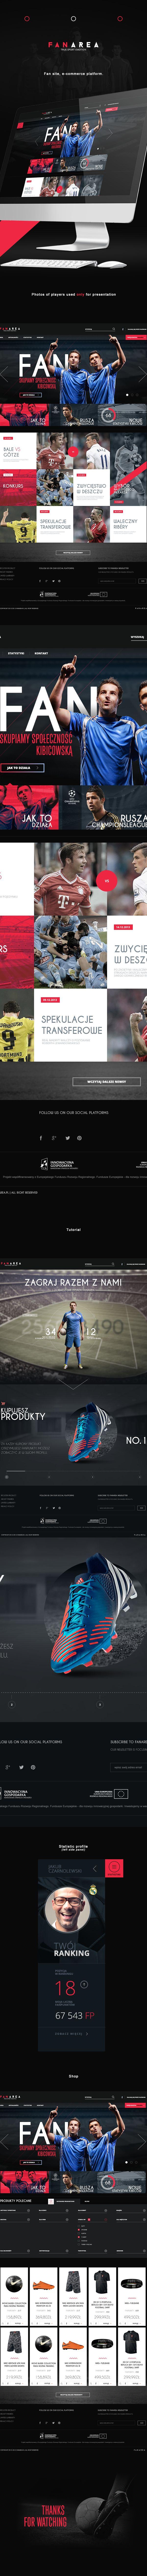 Football Fan Site & Shop on Behance